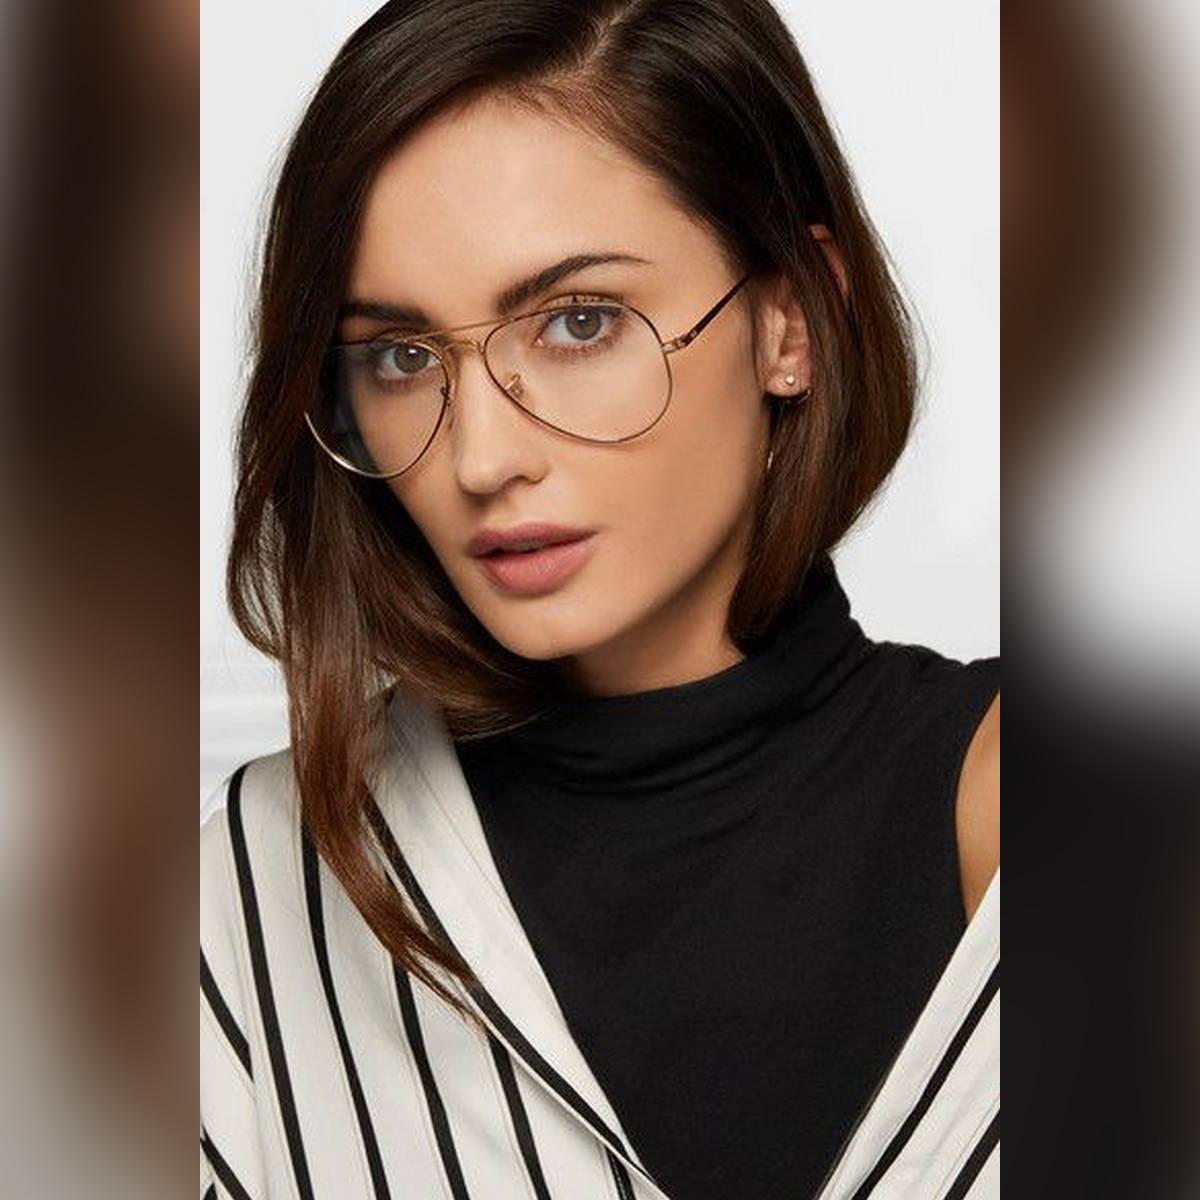 Casual Aviator Glasses For Girls